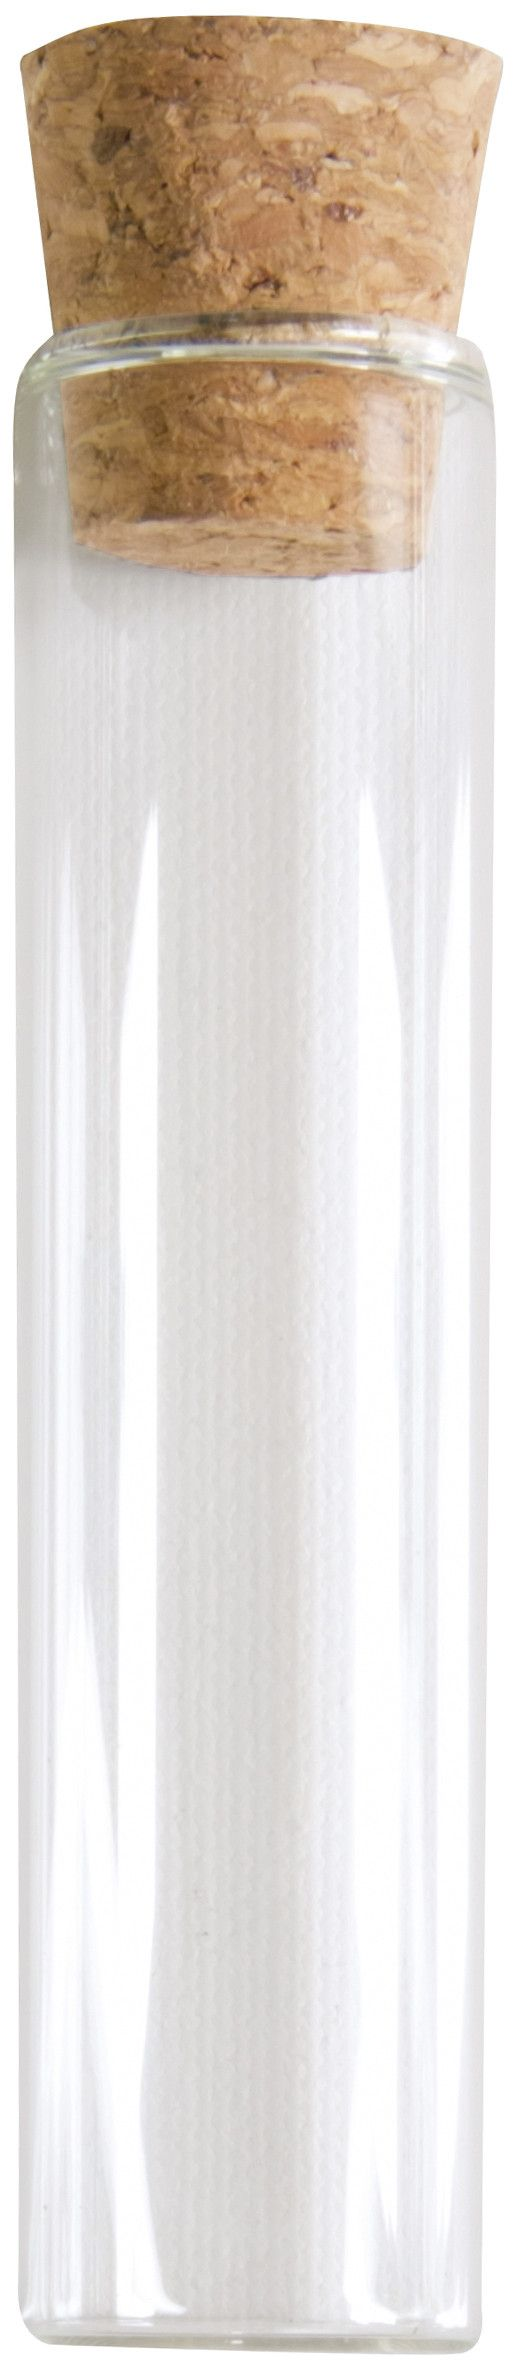 Tube éprouvette en verre 10 cm  et un choix immense de décorations pas chères pour anniversaires, fêtes et occasions spéciales. De la vaisselle jetable à la déco de table, vous trouverez tout pour la fête sur VegaooParty